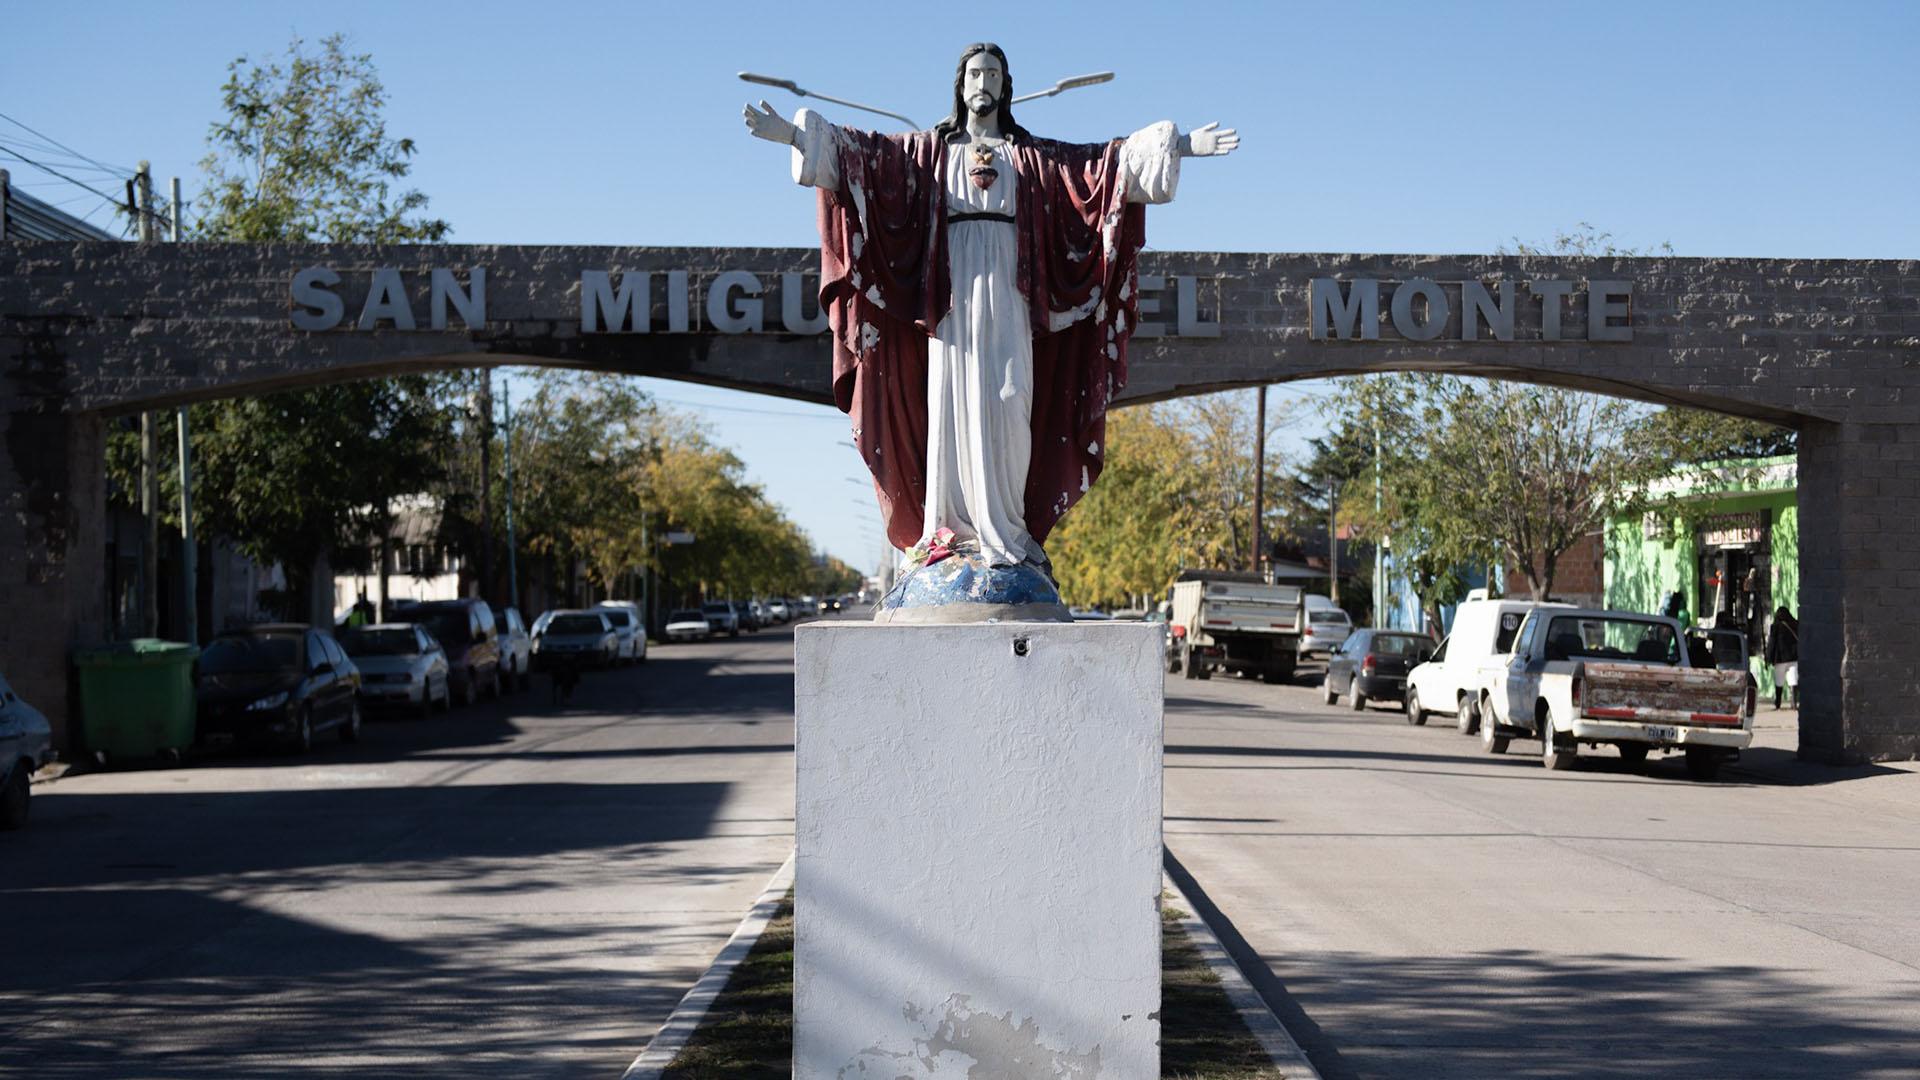 """La definición que la Municipalidad de San Miguel del Monte hace de su ciudad es: """"Monte es una típica ciudad del interior de la Provincia de Buenos Aires, donde priman la tranquilidad, los espacios verdes, el aire puro y los ambientes naturales, en un entorno histórico, cultural y tradicional único"""""""